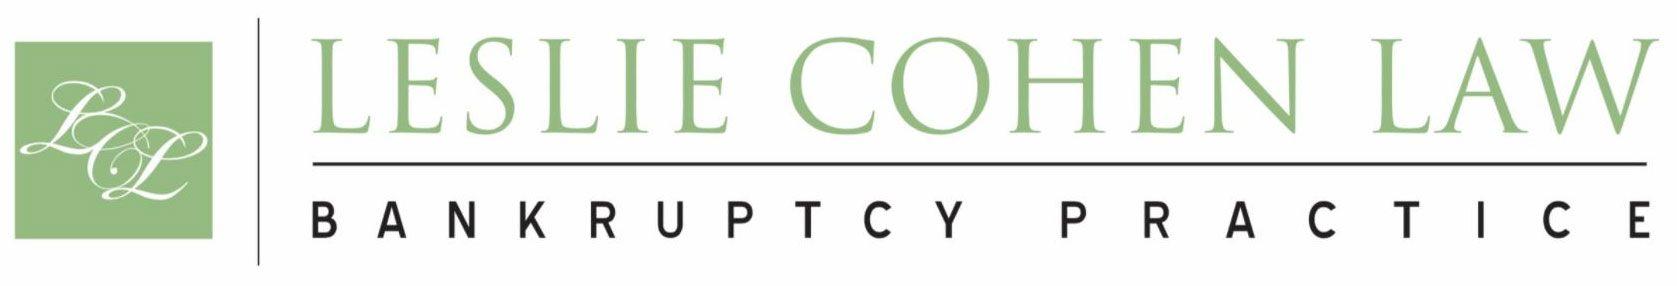 Leslie Cohen Bankruptcy Practice